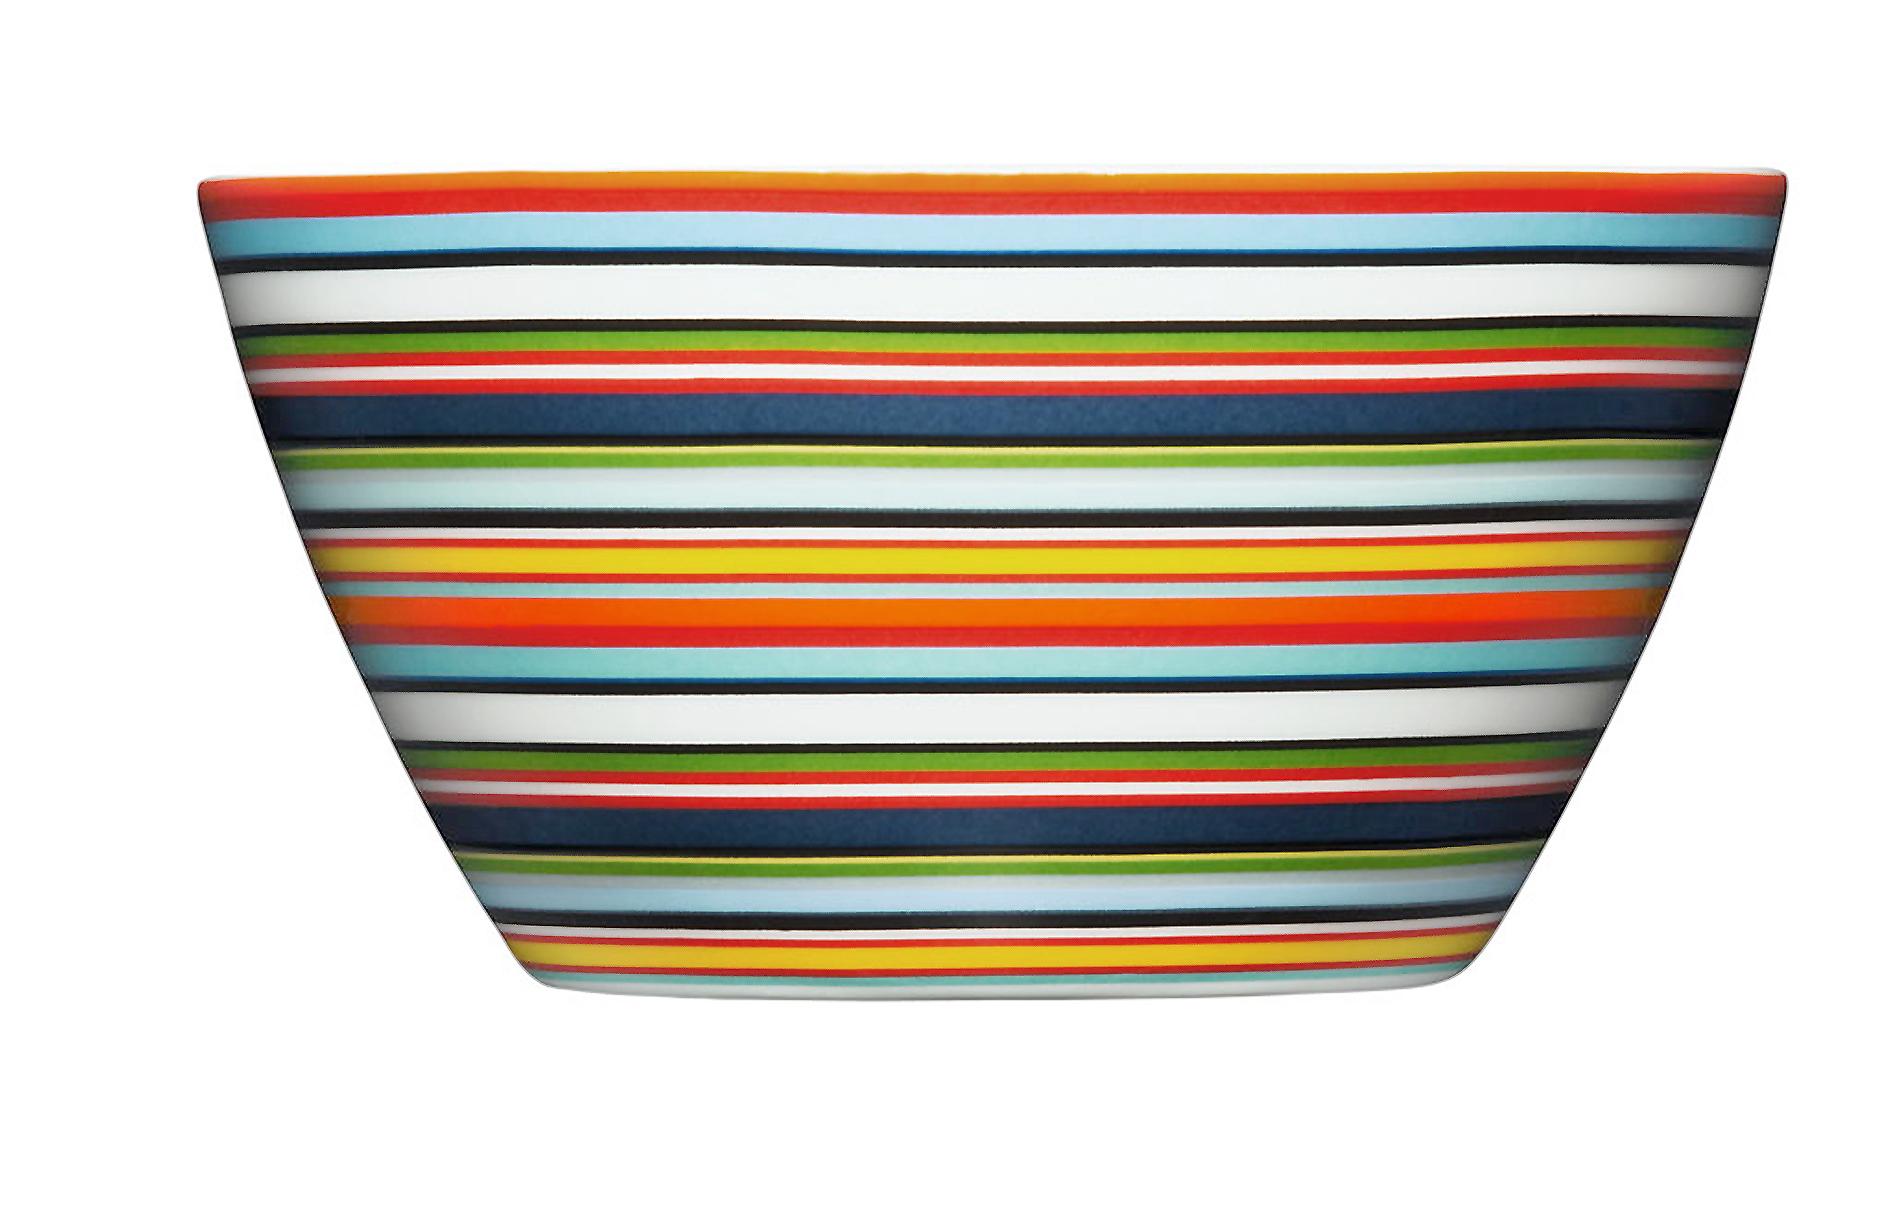 Чаша OrigoМиски и чаши<br>Смелый полосатый рисунок посуды серии Origo будет свежо смотреться на любой кухне. Посуда прекрасно сочетается с посудой других серий Iittala и подходит для приёма любой пищи. Впервые серия вышла 1999 году и с того момента стала невероятно популярной во всем мире.<br><br>Material: Фарфор<br>Высота см: 7